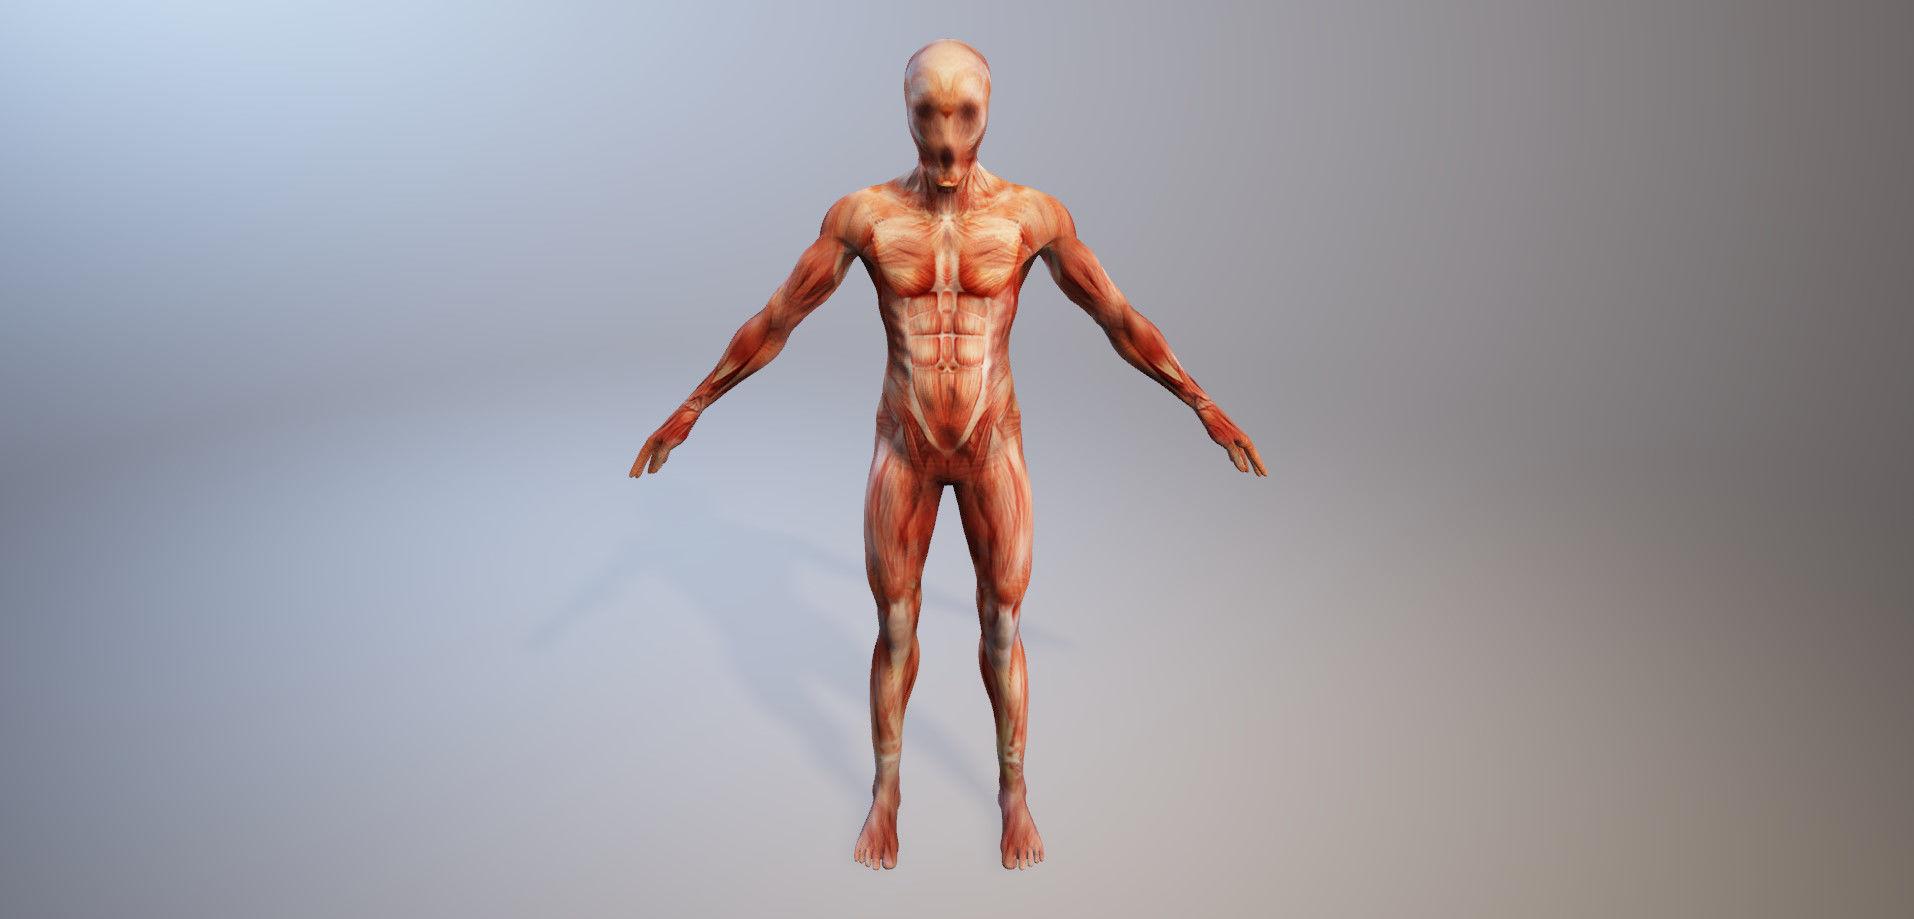 Großartig 3d Anatomiemodelle Ideen - Physiologie Von Menschlichen ...